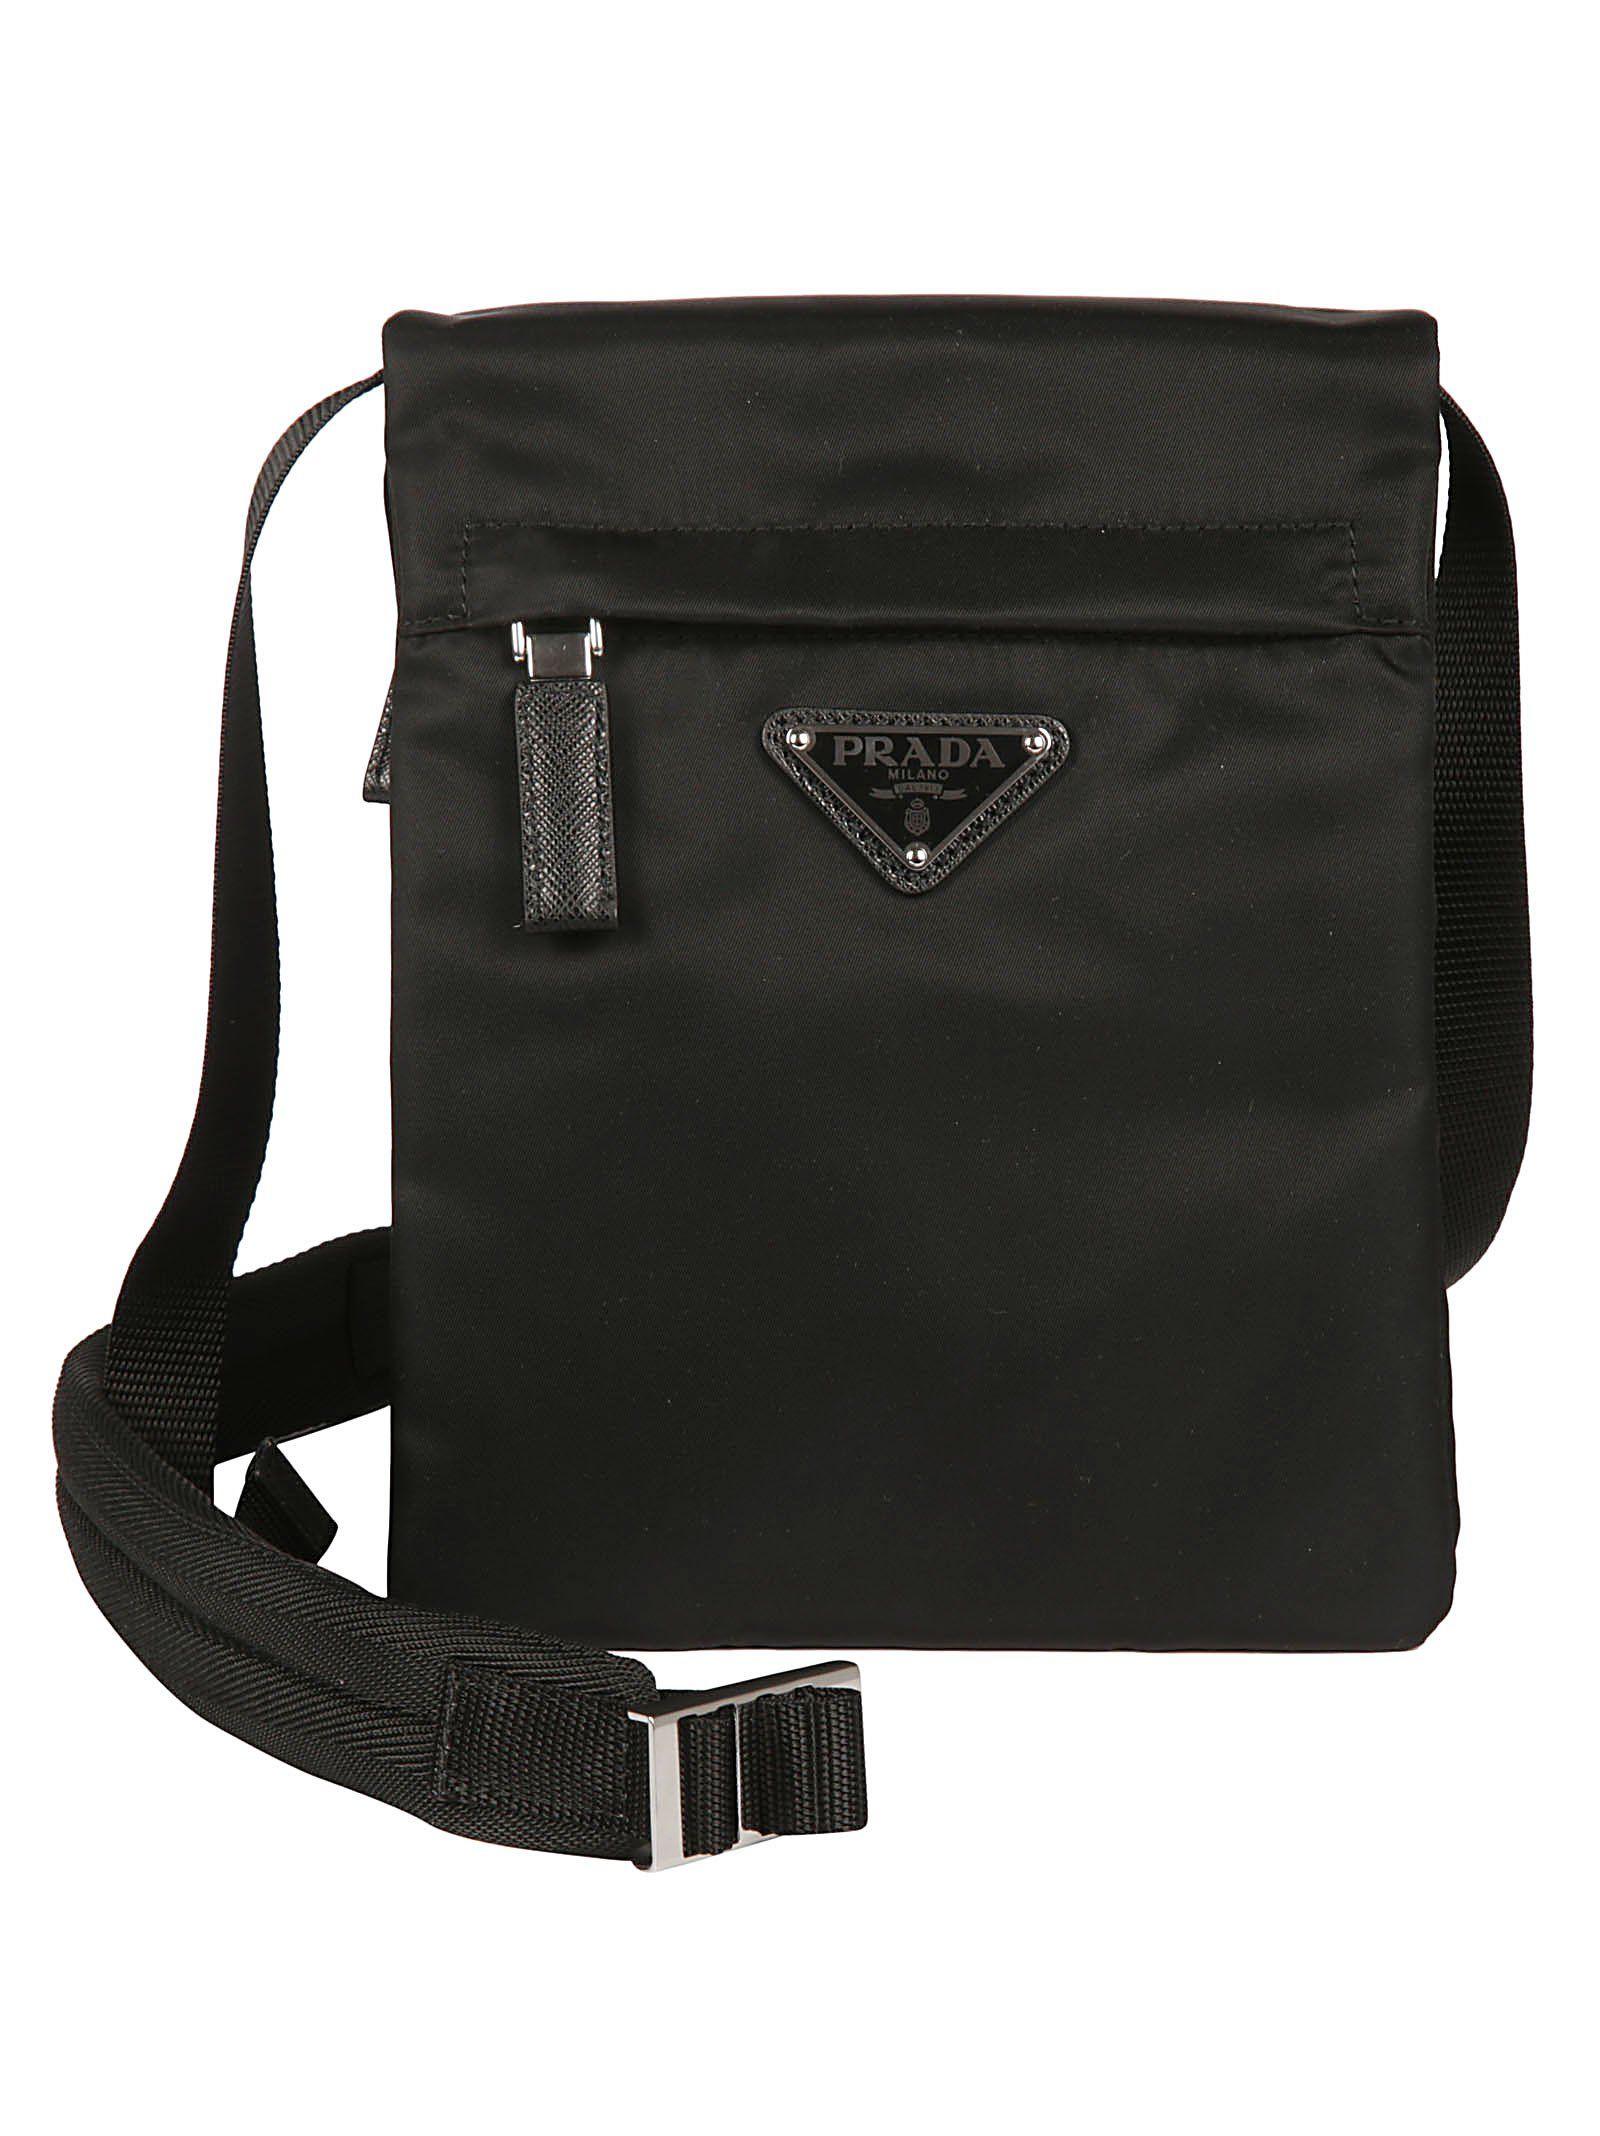 50cfb9895db9 PRADA PRADA LOGO PLAQUE ZIP SHOULDER BAG. #prada #bags #shoulder bags #nylon